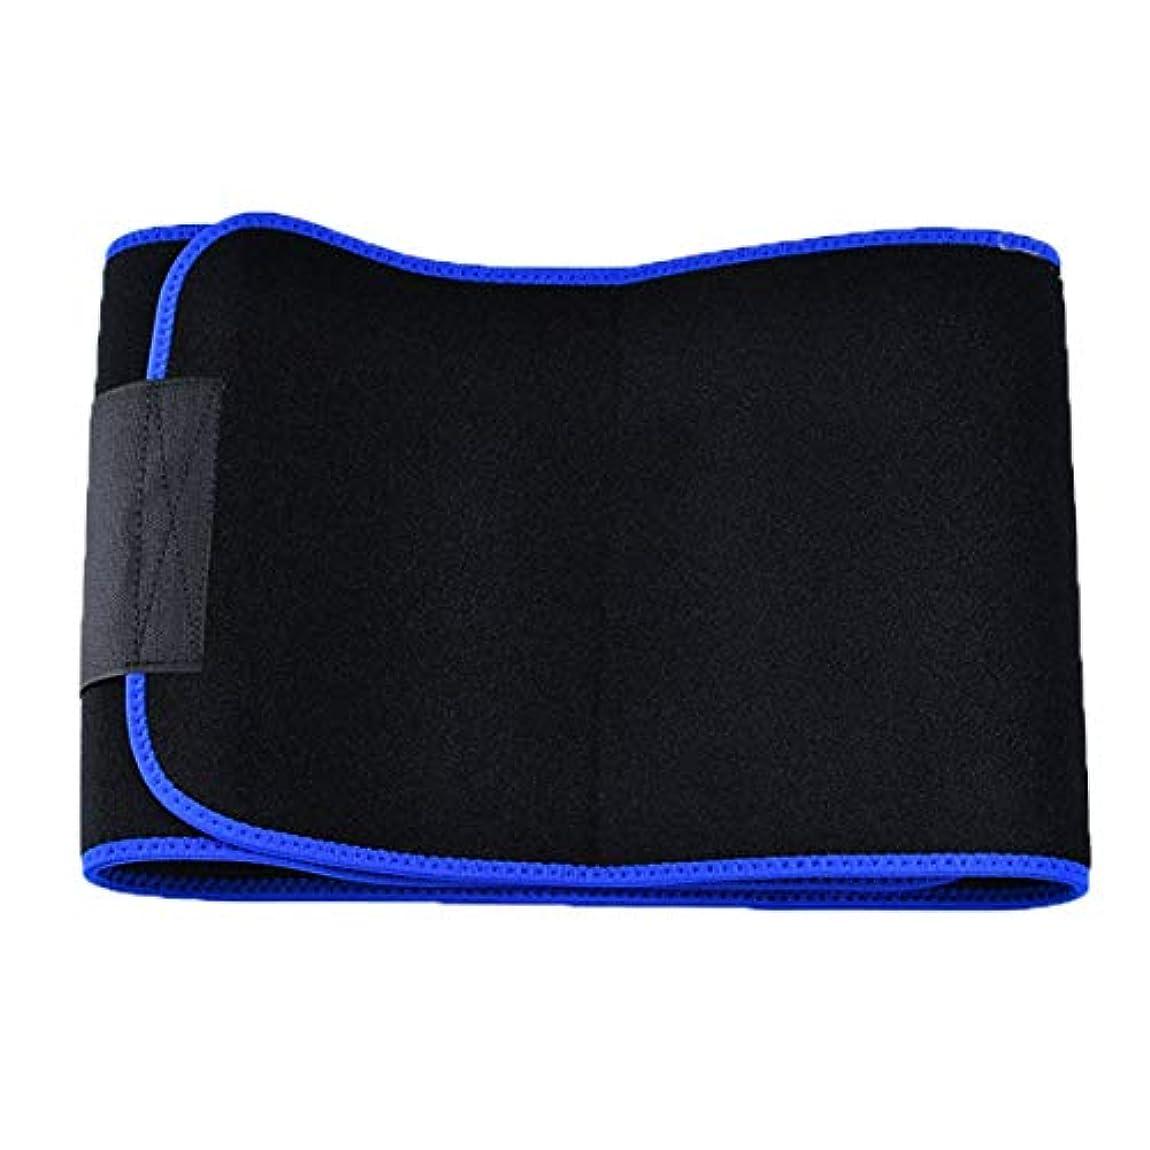 したがって暴力的な折る腹部プラスチックベルトウエストサポートボディシェイパートレーニングコルセット痩身ウエストベルトスリム汗スポーツ保護具